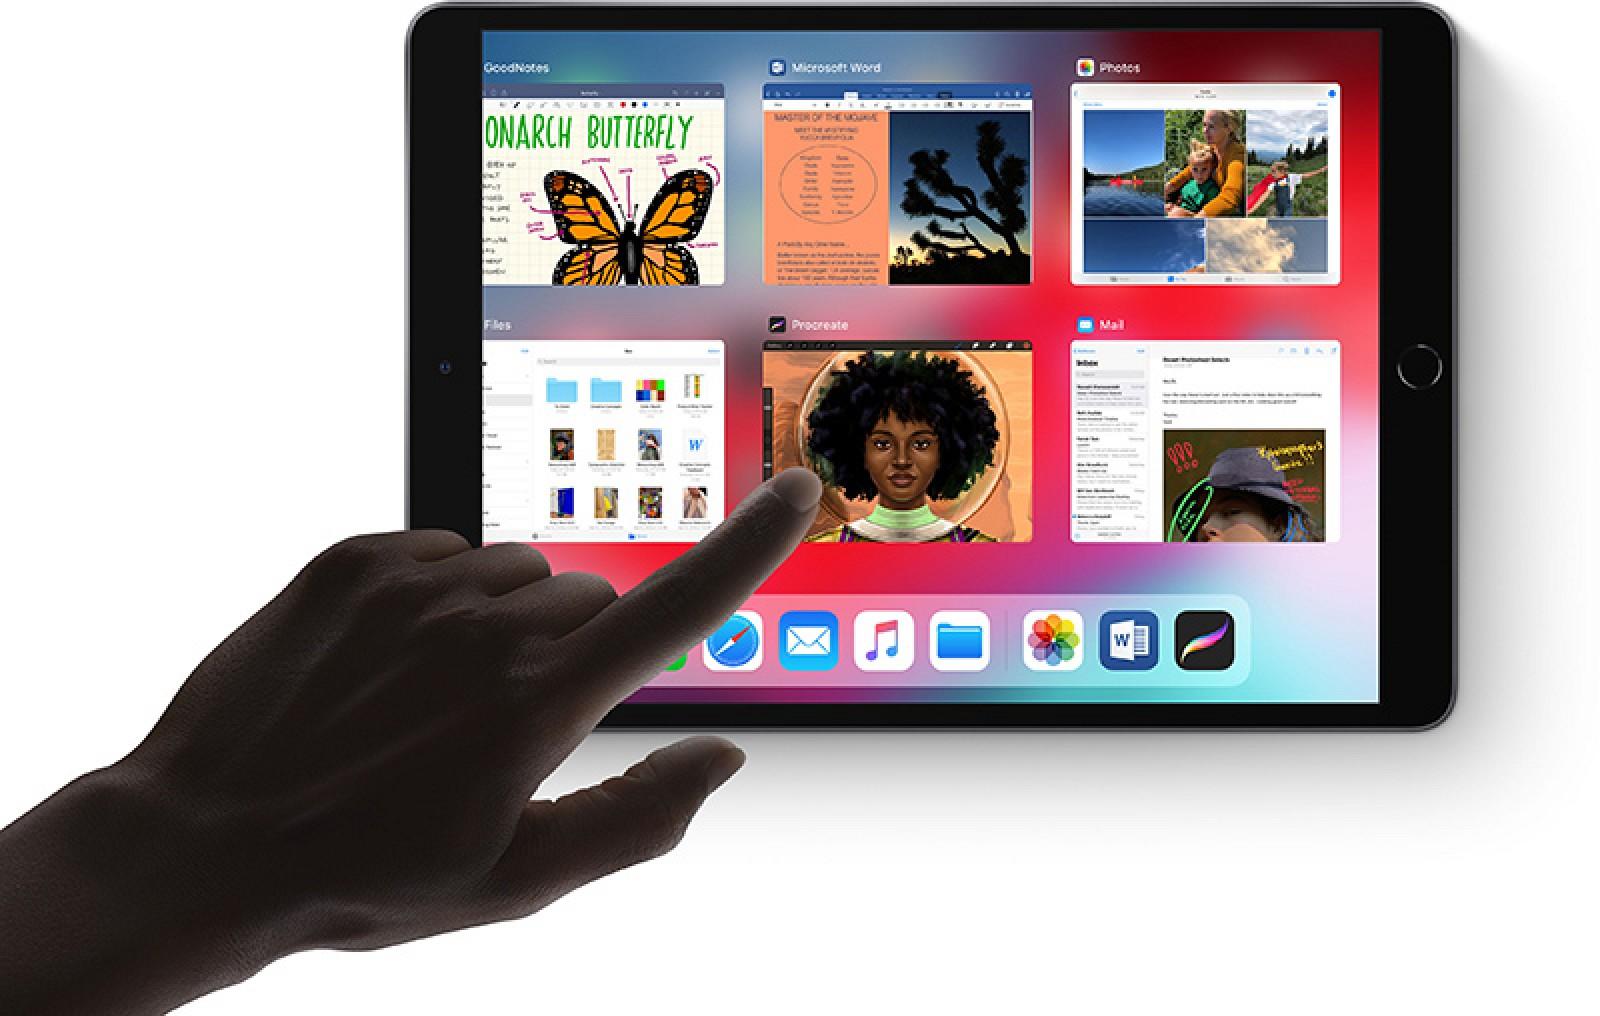 Ofertas destacadas: iPad Air 2019 con descuento a nuevos precios bajos (hasta $ 52 de descuento)